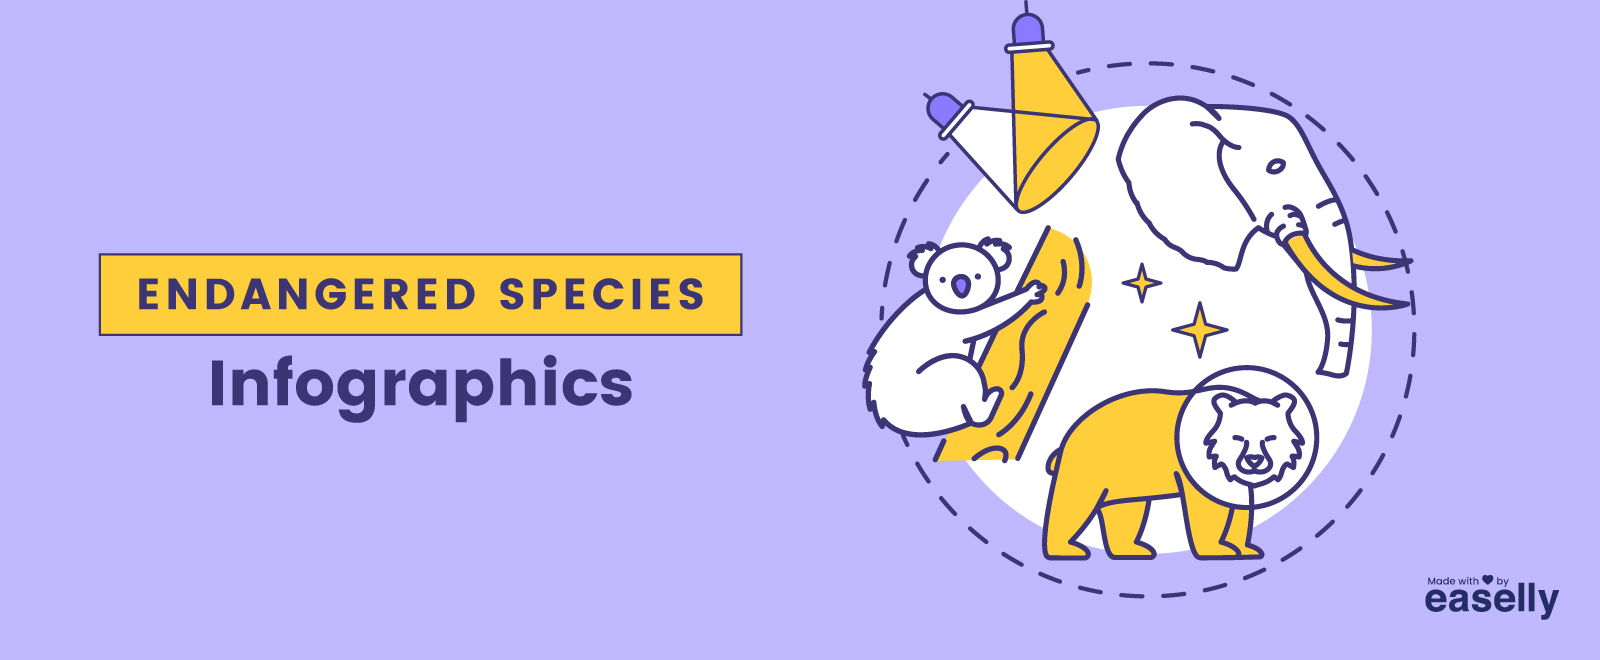 Endangered Species Infographics